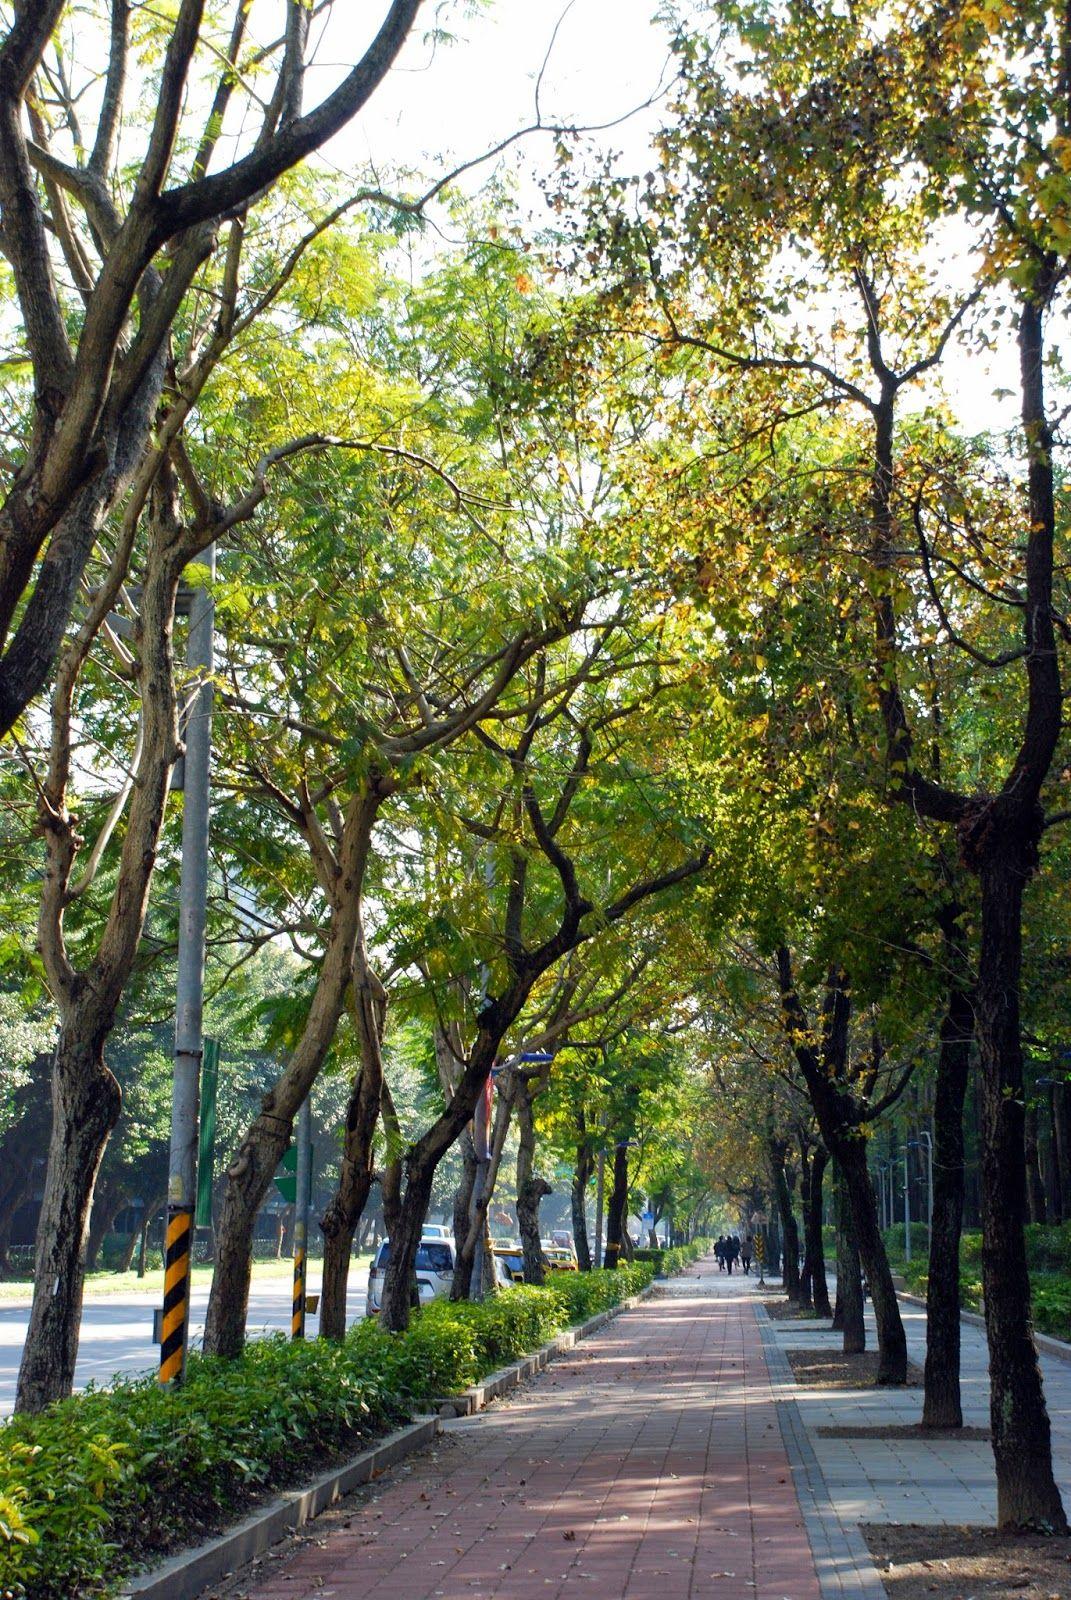 大安森林公園每日遊人如織 尤以晨間及夕陽初照之際為最多訪客 26公頃純休閒性 都市森林 型態的公園 可以滌塵淨化空氣 漫步園內 處處美景 享受 森林浴 大安森林公園位在新生南路 和平東路 建國南路 信義路的交界處 公園外人行道臨建國南路為盾柱木 和平